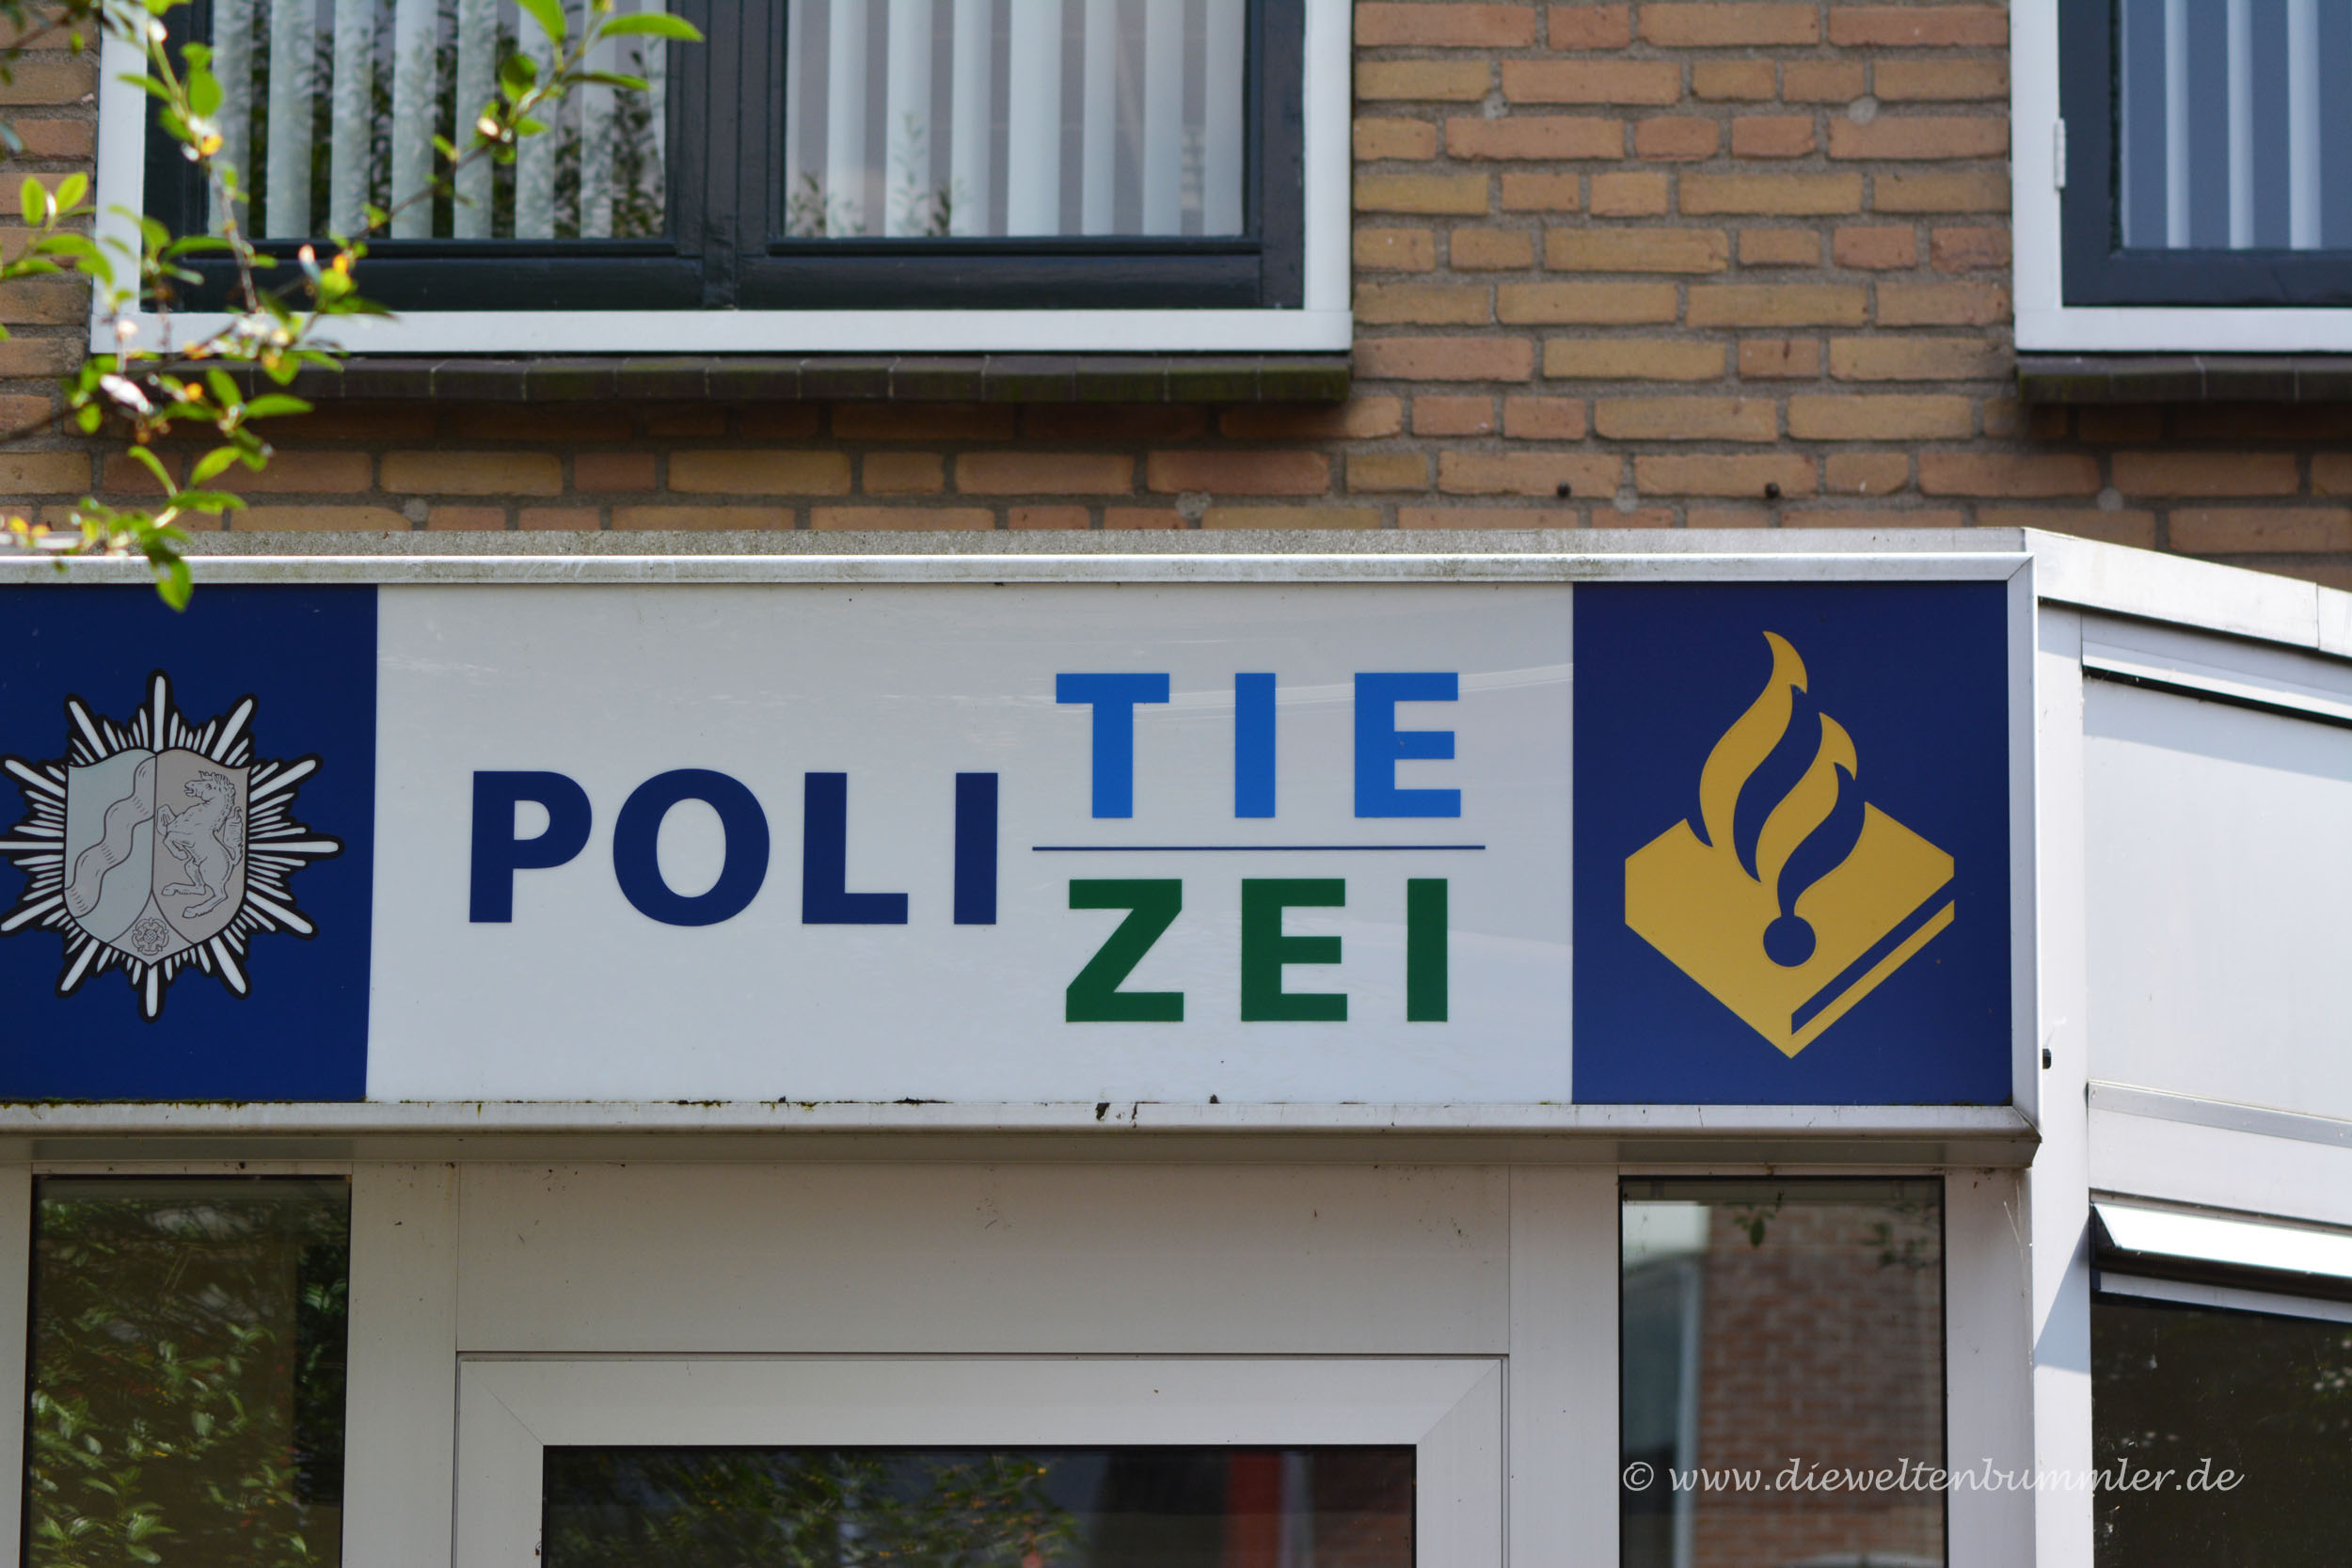 Polizei für beide Länder